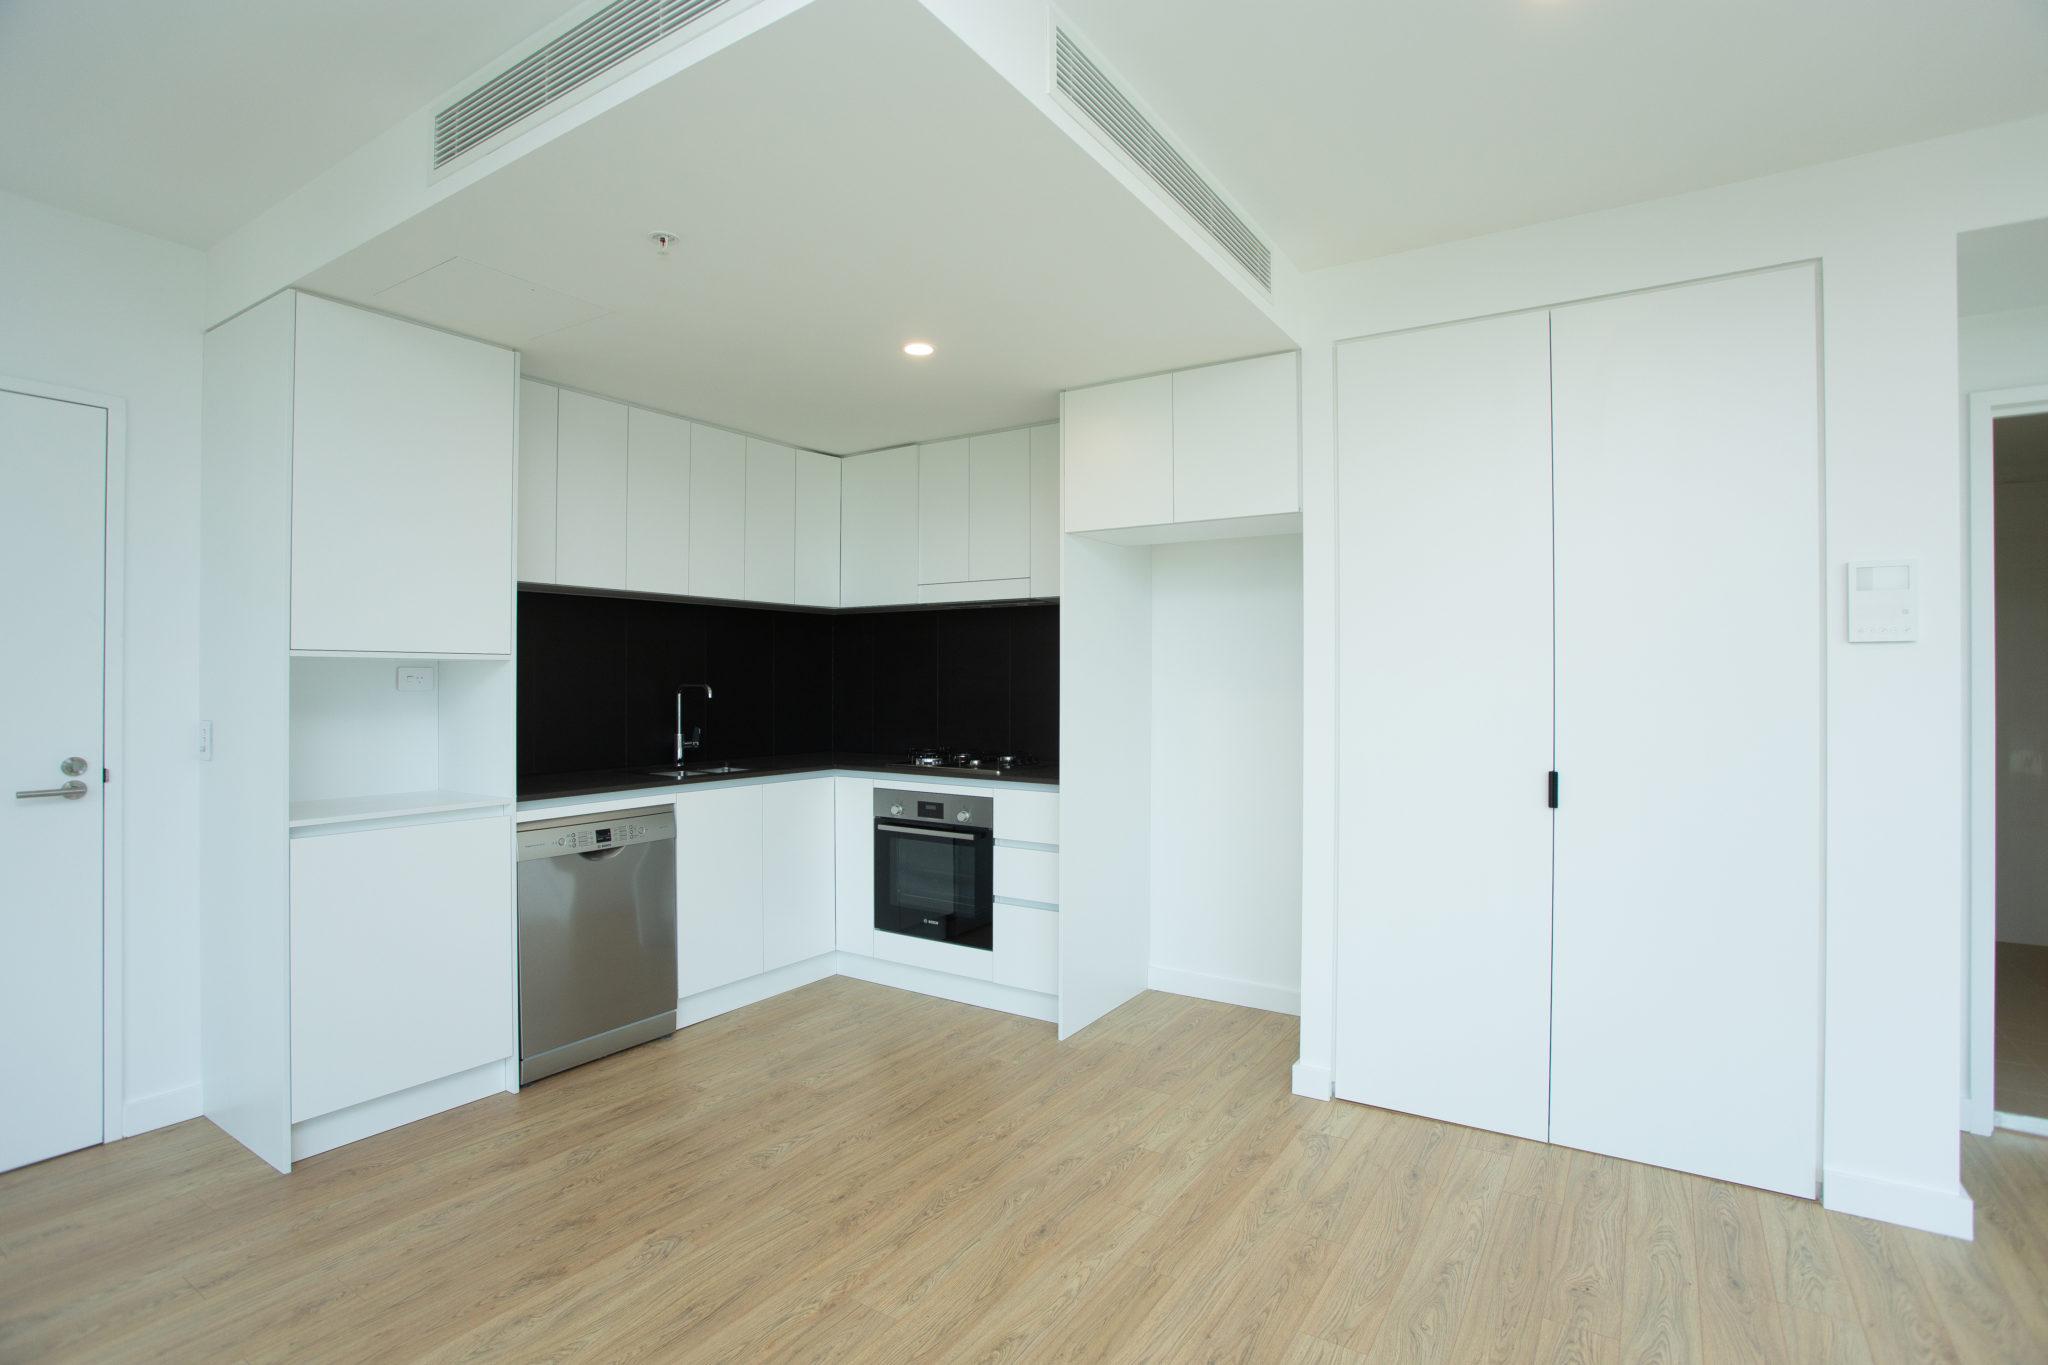 Apartment 30501 - 55sqm